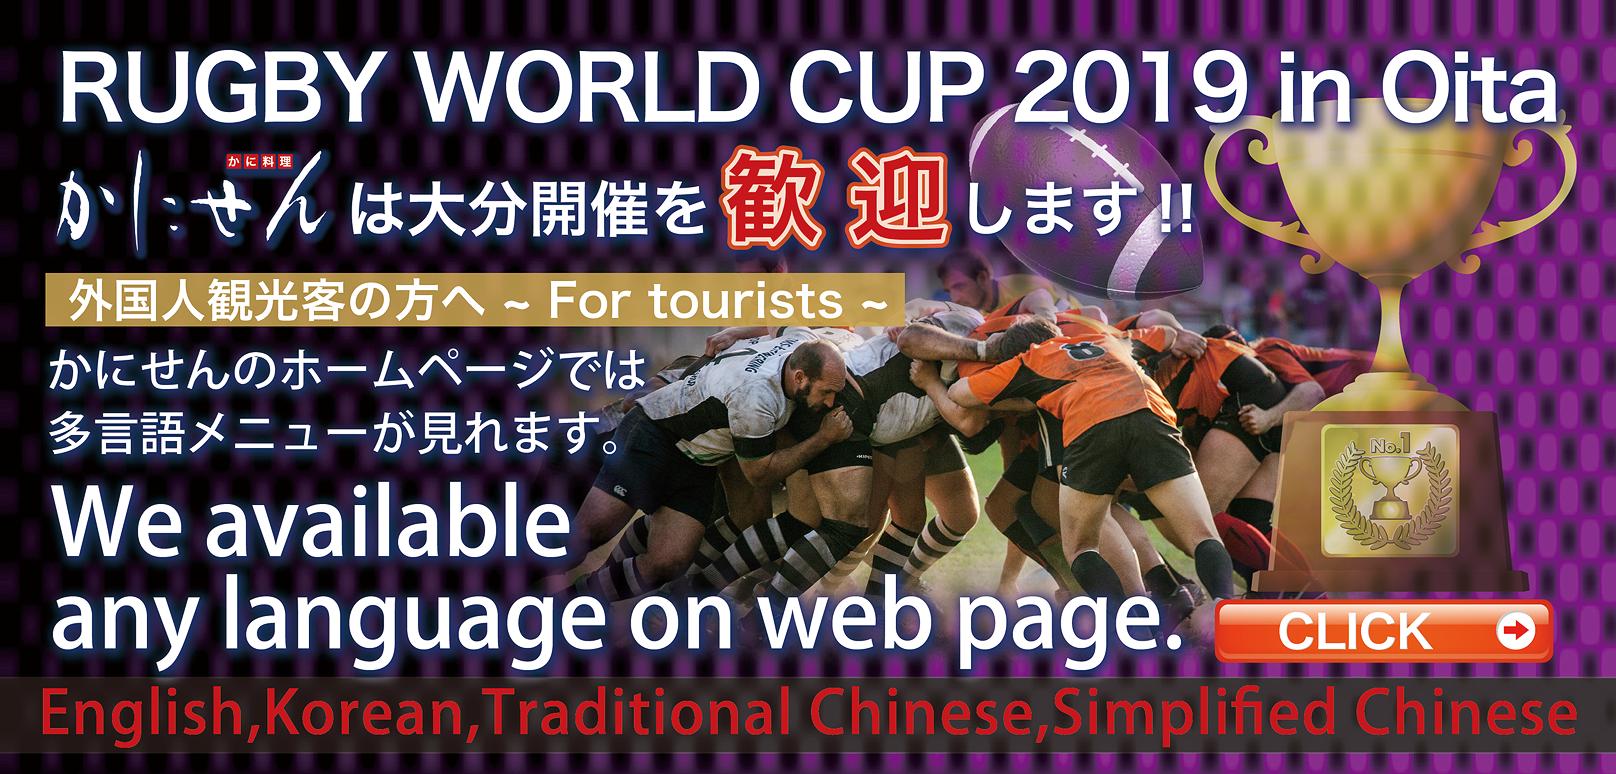 209ラグビーWC歓迎 多言語メニューあります